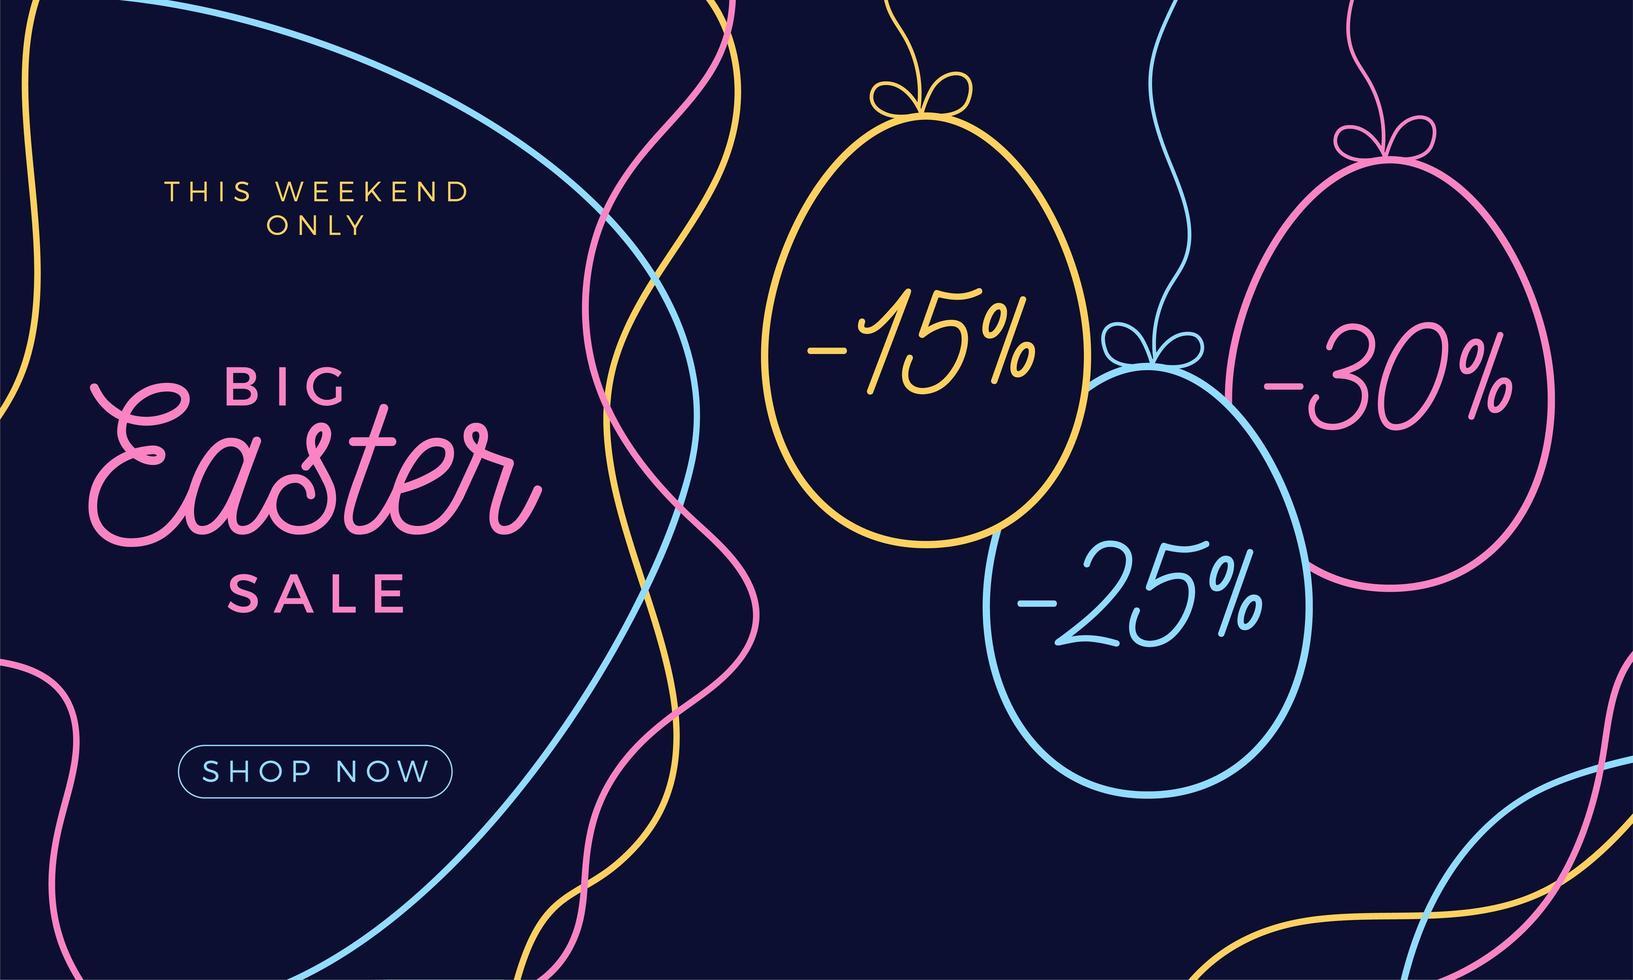 bannière horizontale de vente d'oeufs de Pâques. carte de Pâques avec main dessiner des oeufs, oeufs ornés colorés sur fond sombre moderne. illustration vectorielle. place pour votre texte vecteur